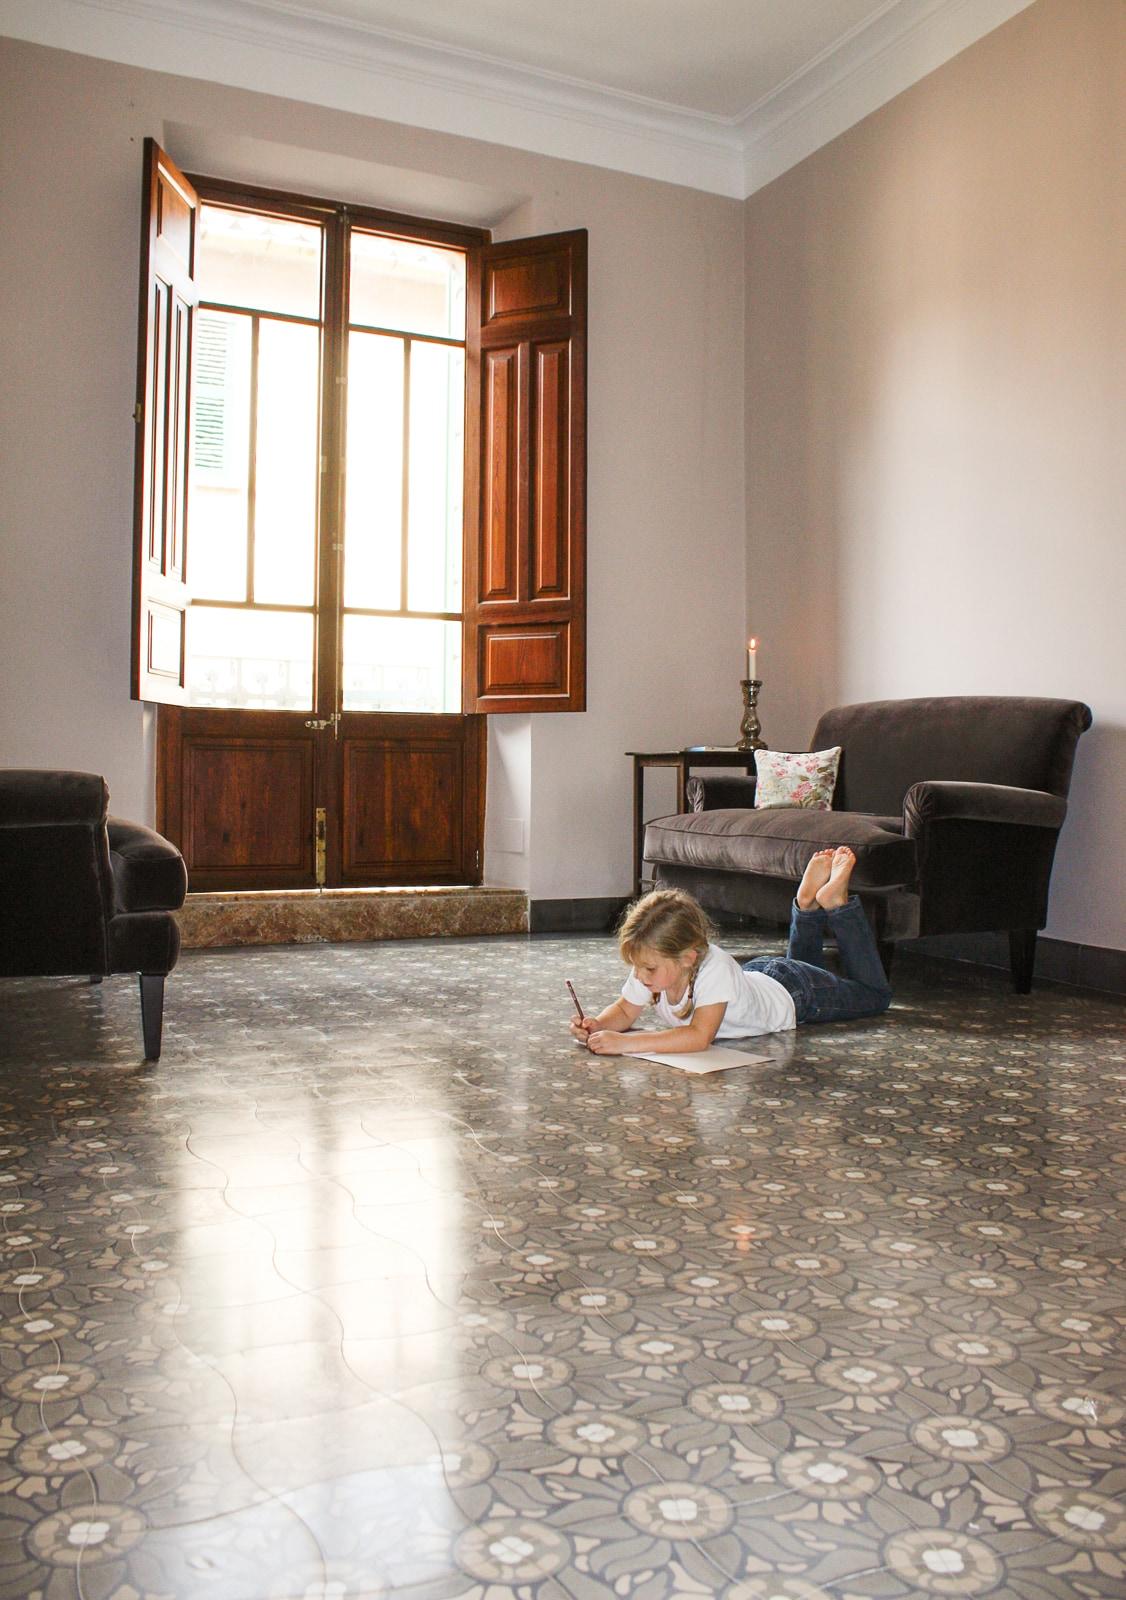 zementmosaikplatte-nummer-12154-wohnen-via-gmbh | 12154